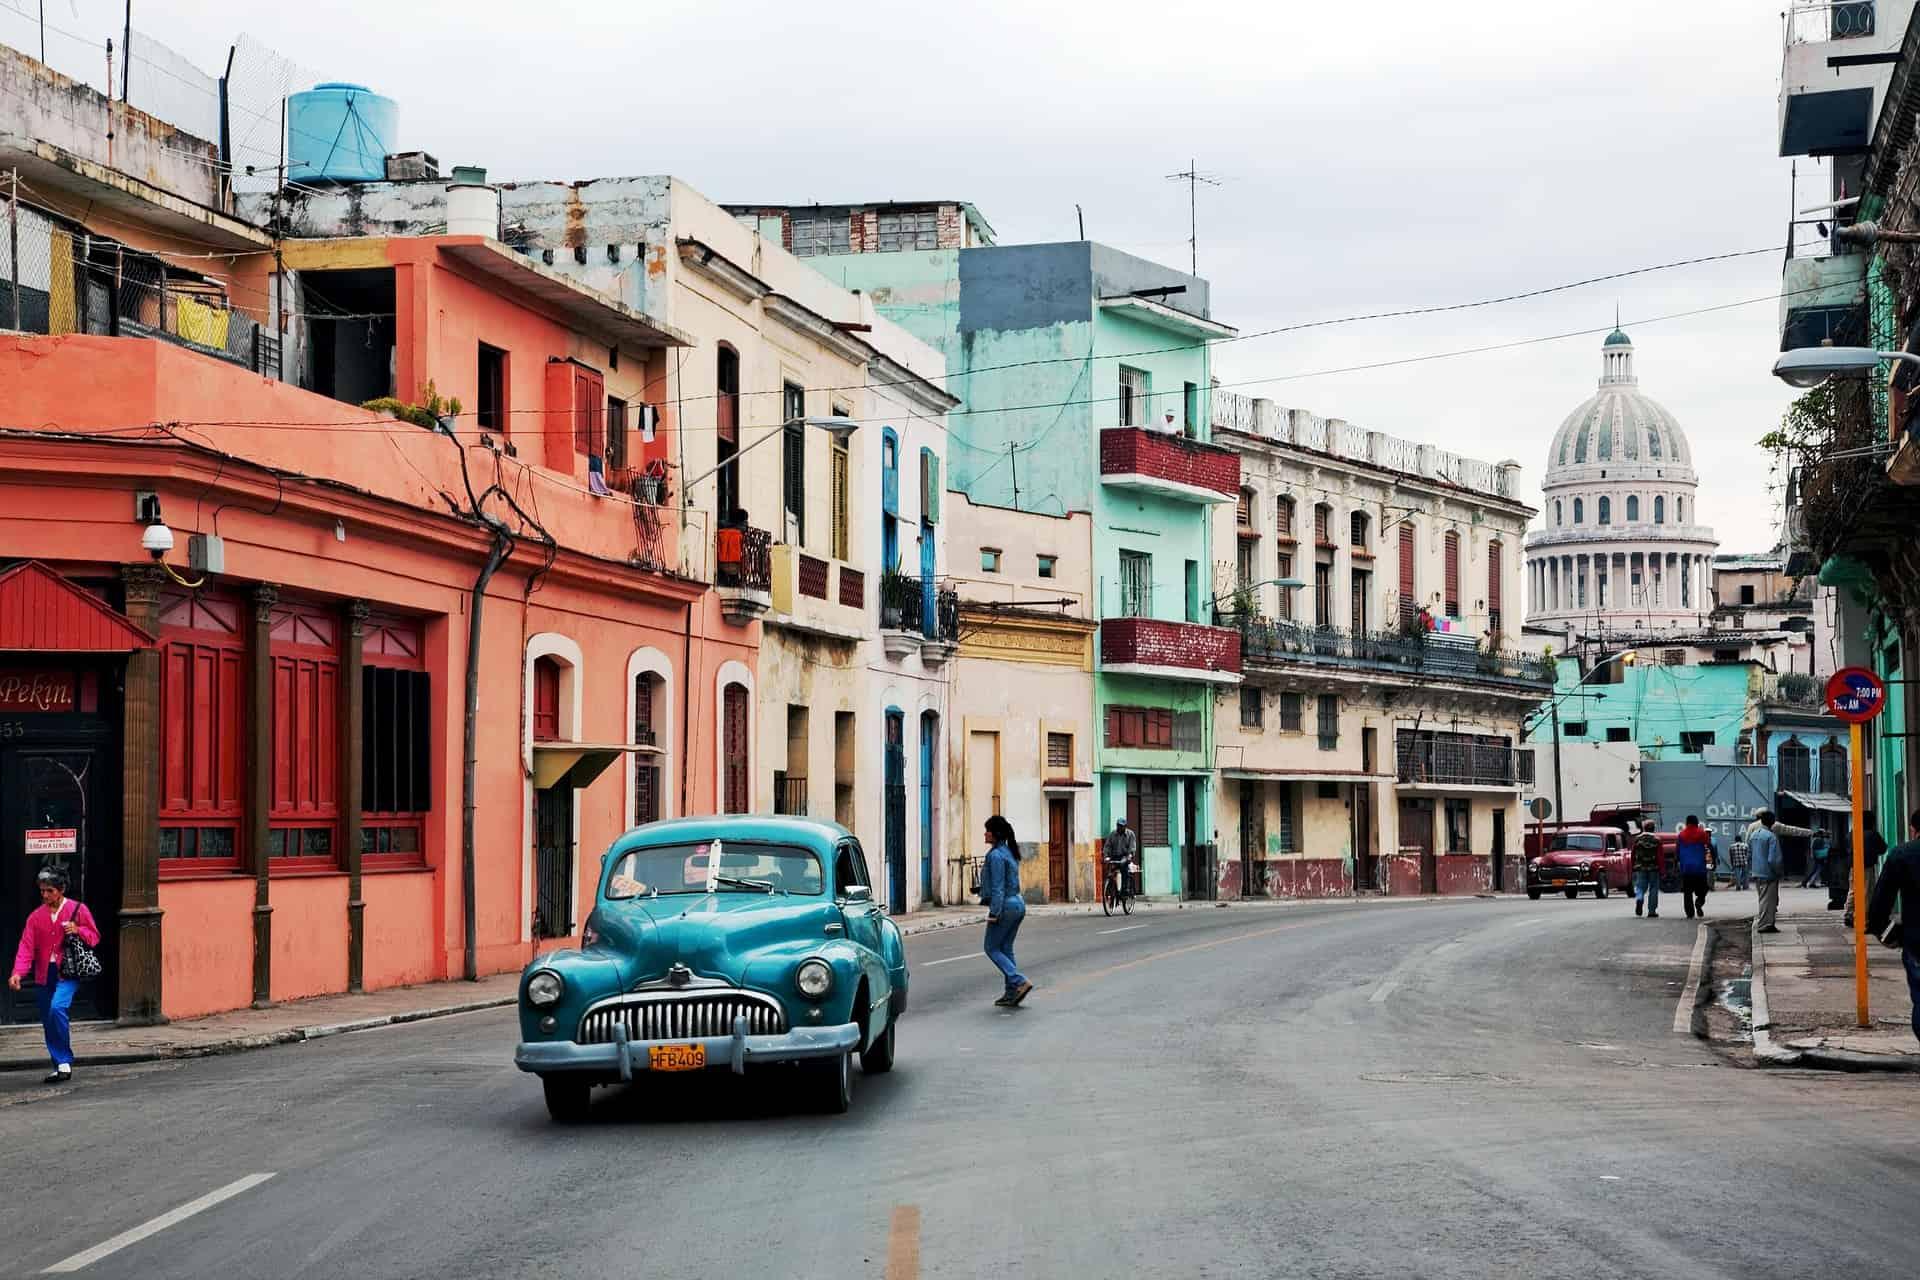 Santa Clara Kuba Eine Woche Urlaub schon ab 547,50€